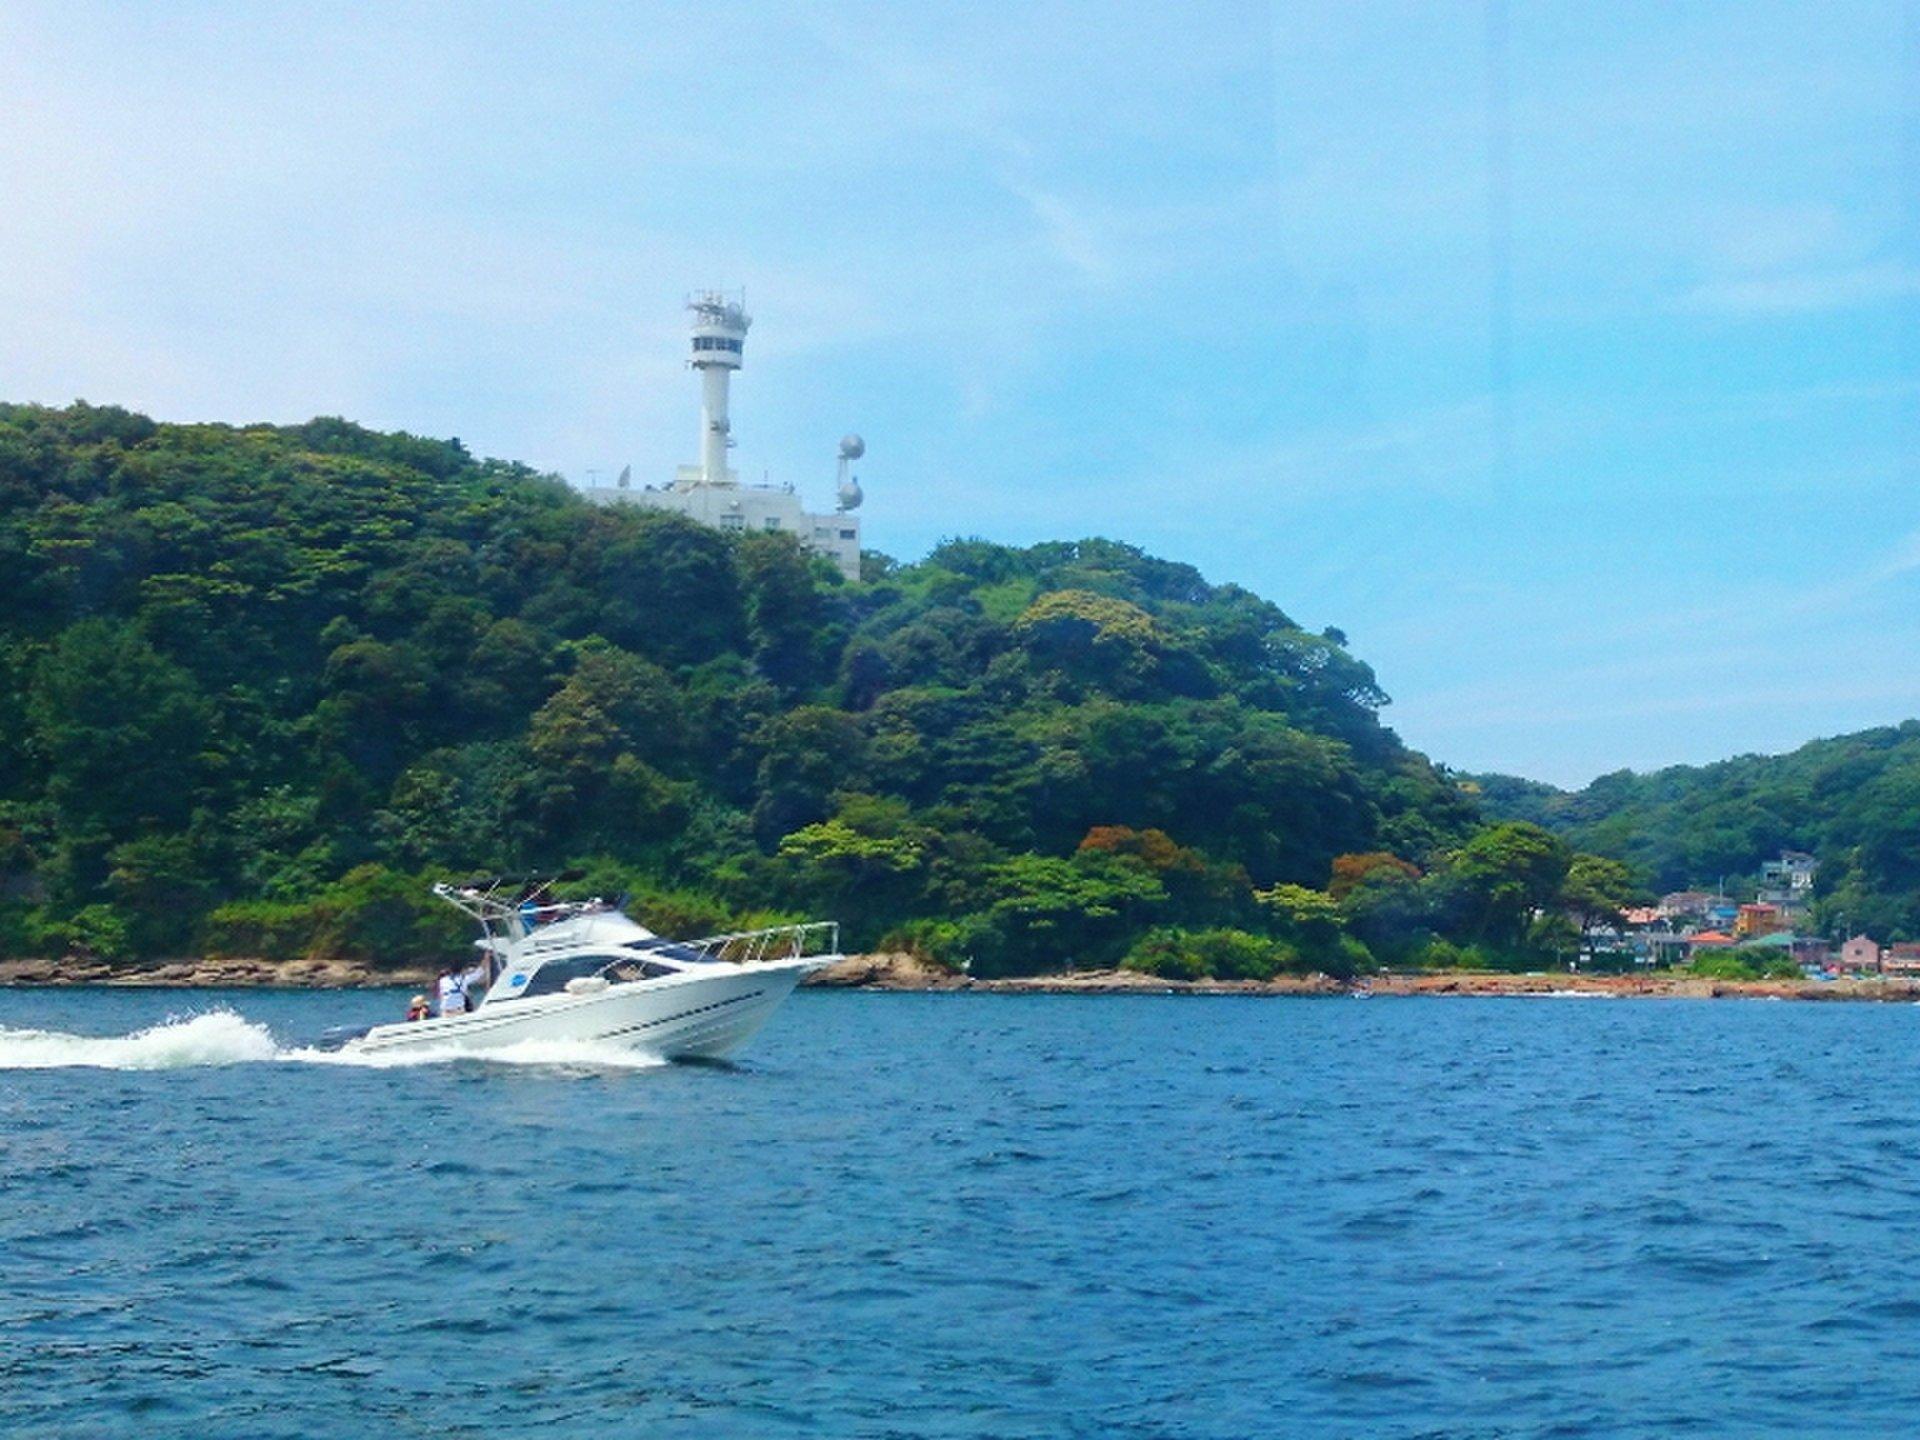 夏だ!今年こそは、ボートに乗ろう♪新鮮な魚とBBQ!!